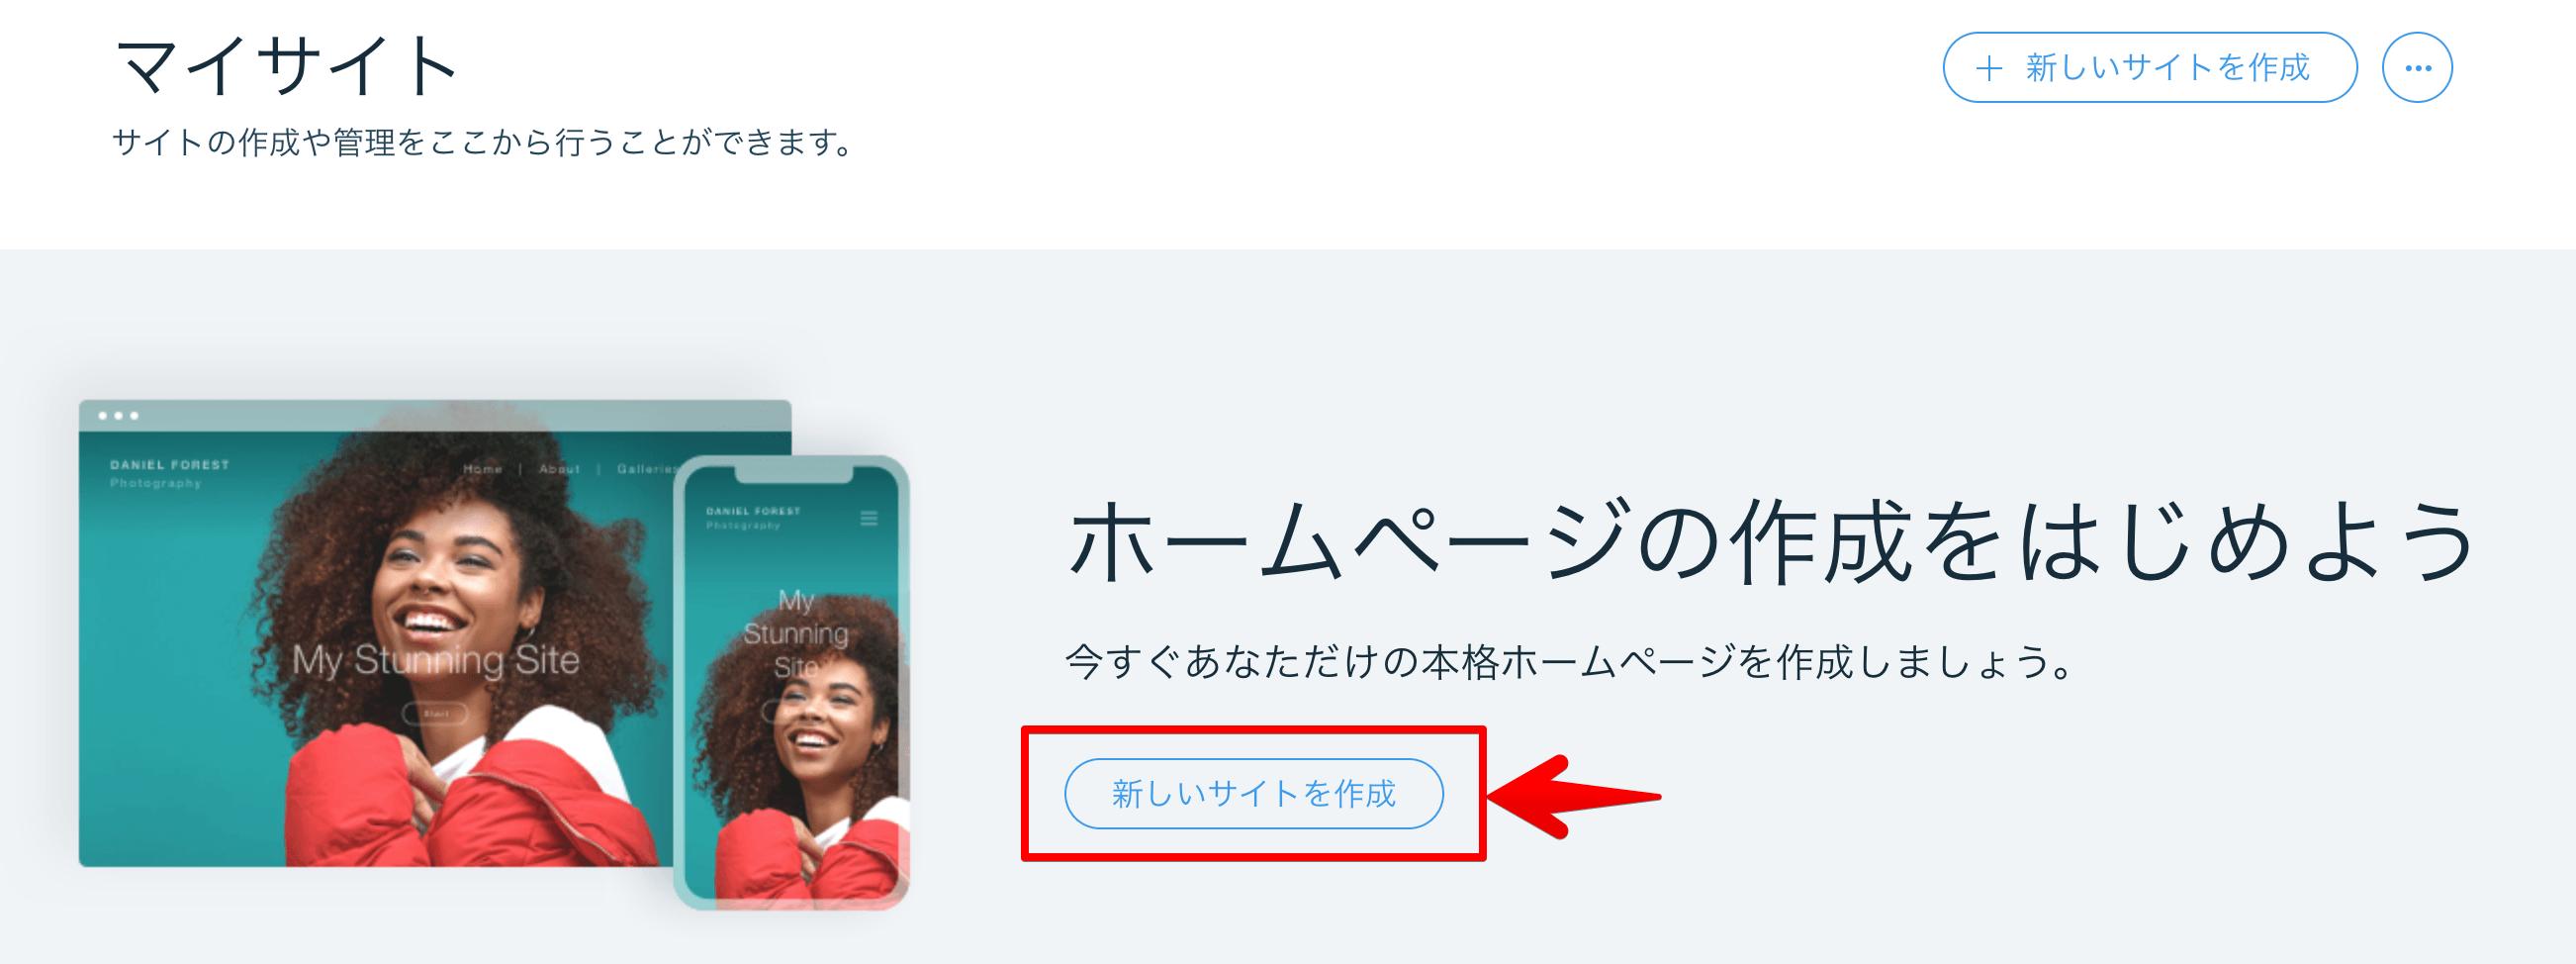 Wix新しいサイト作成